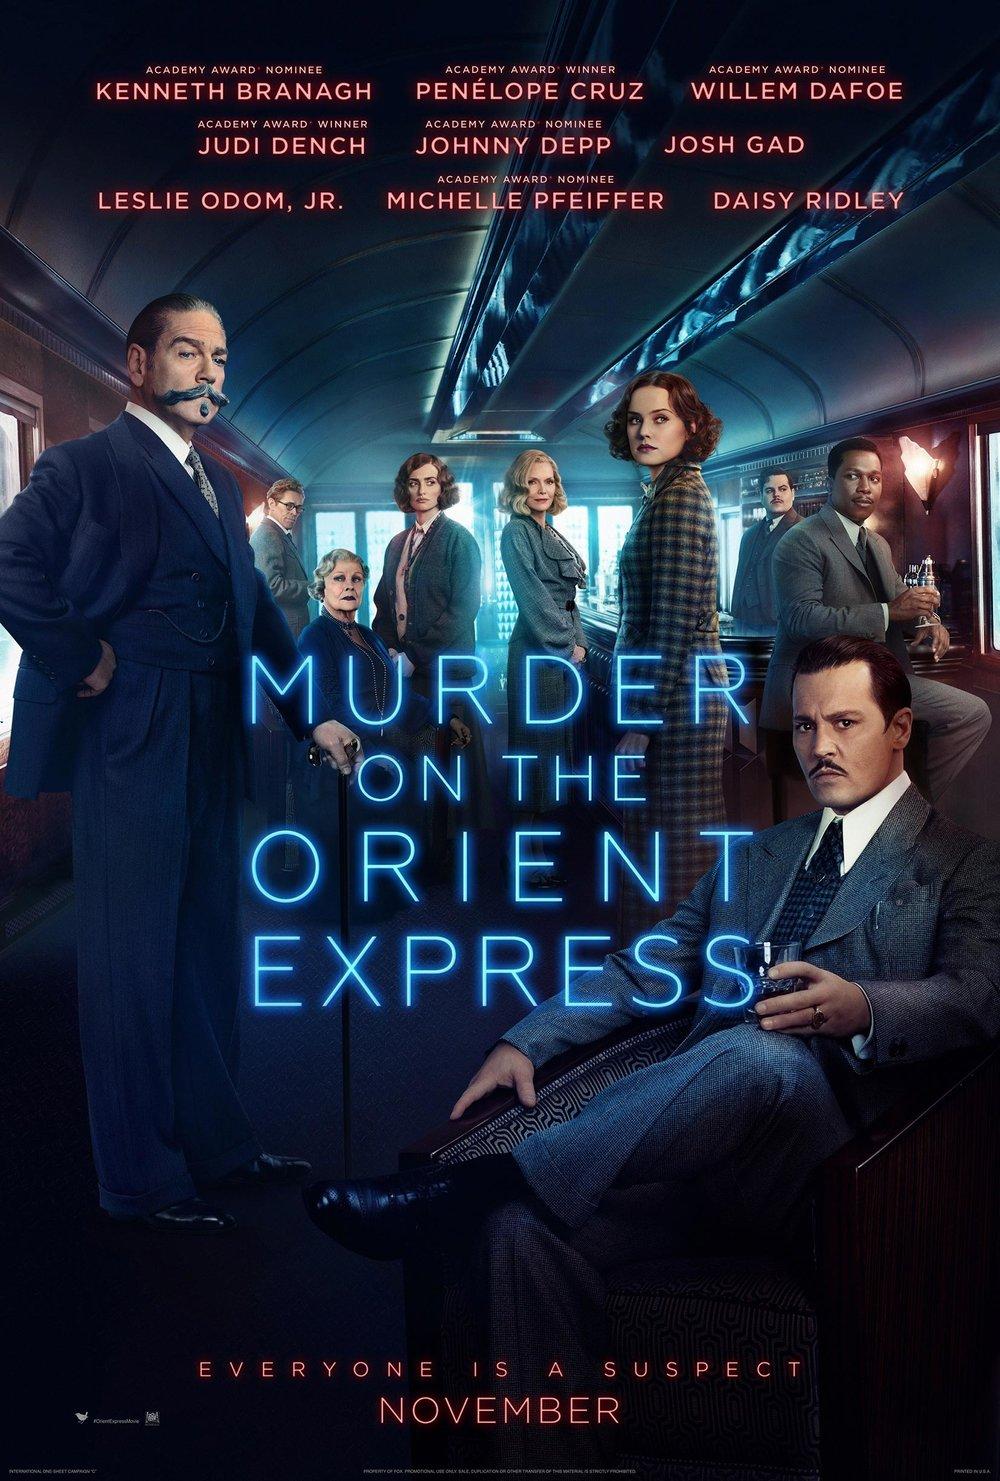 murder-orient-express-poster-2.jpg